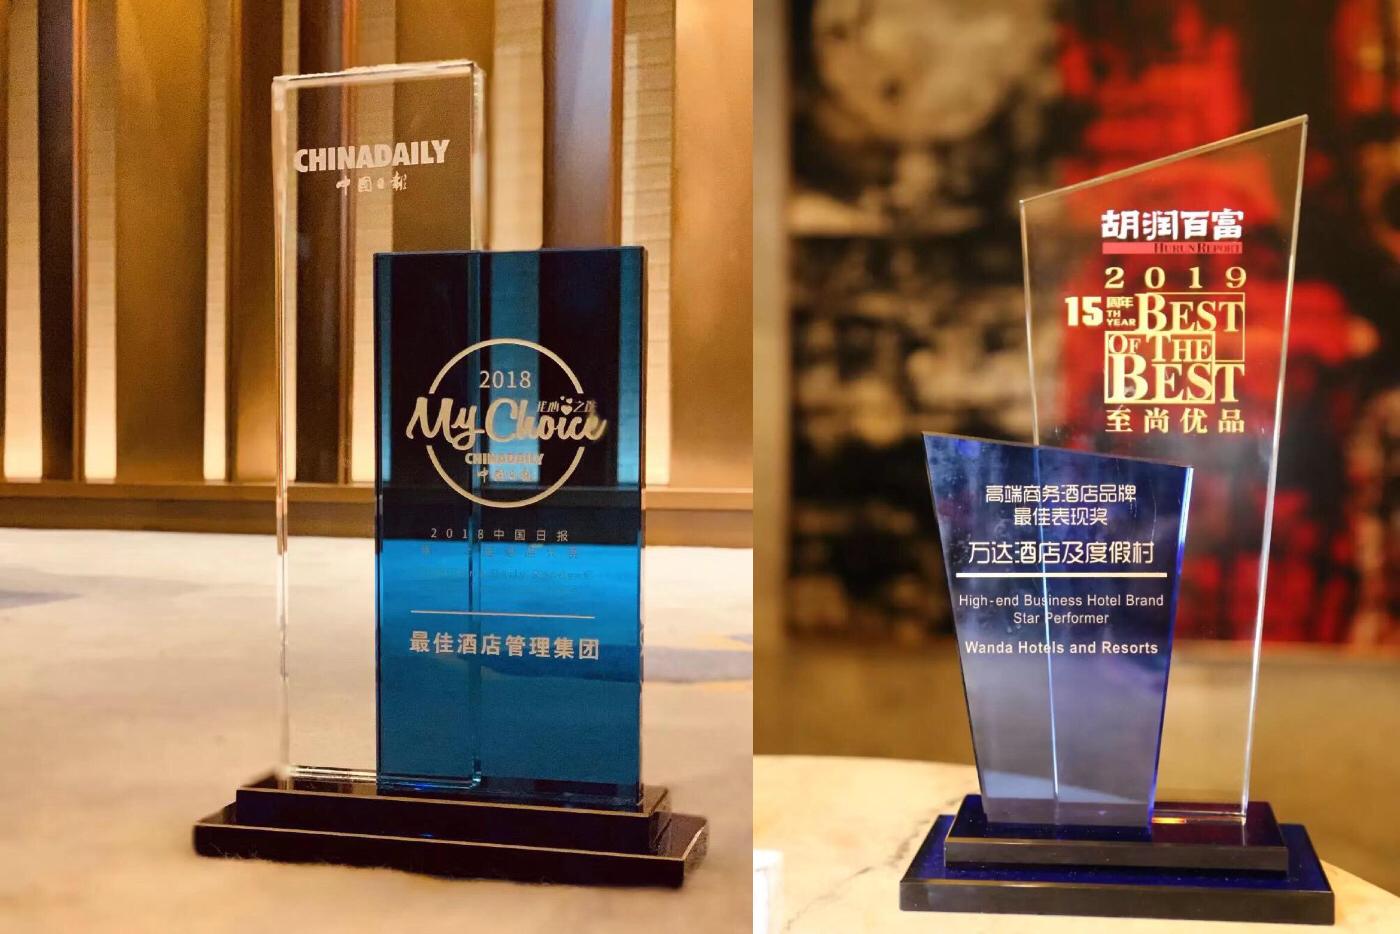 万达酒店及度假村获中国日报和胡润百富两项荣誉